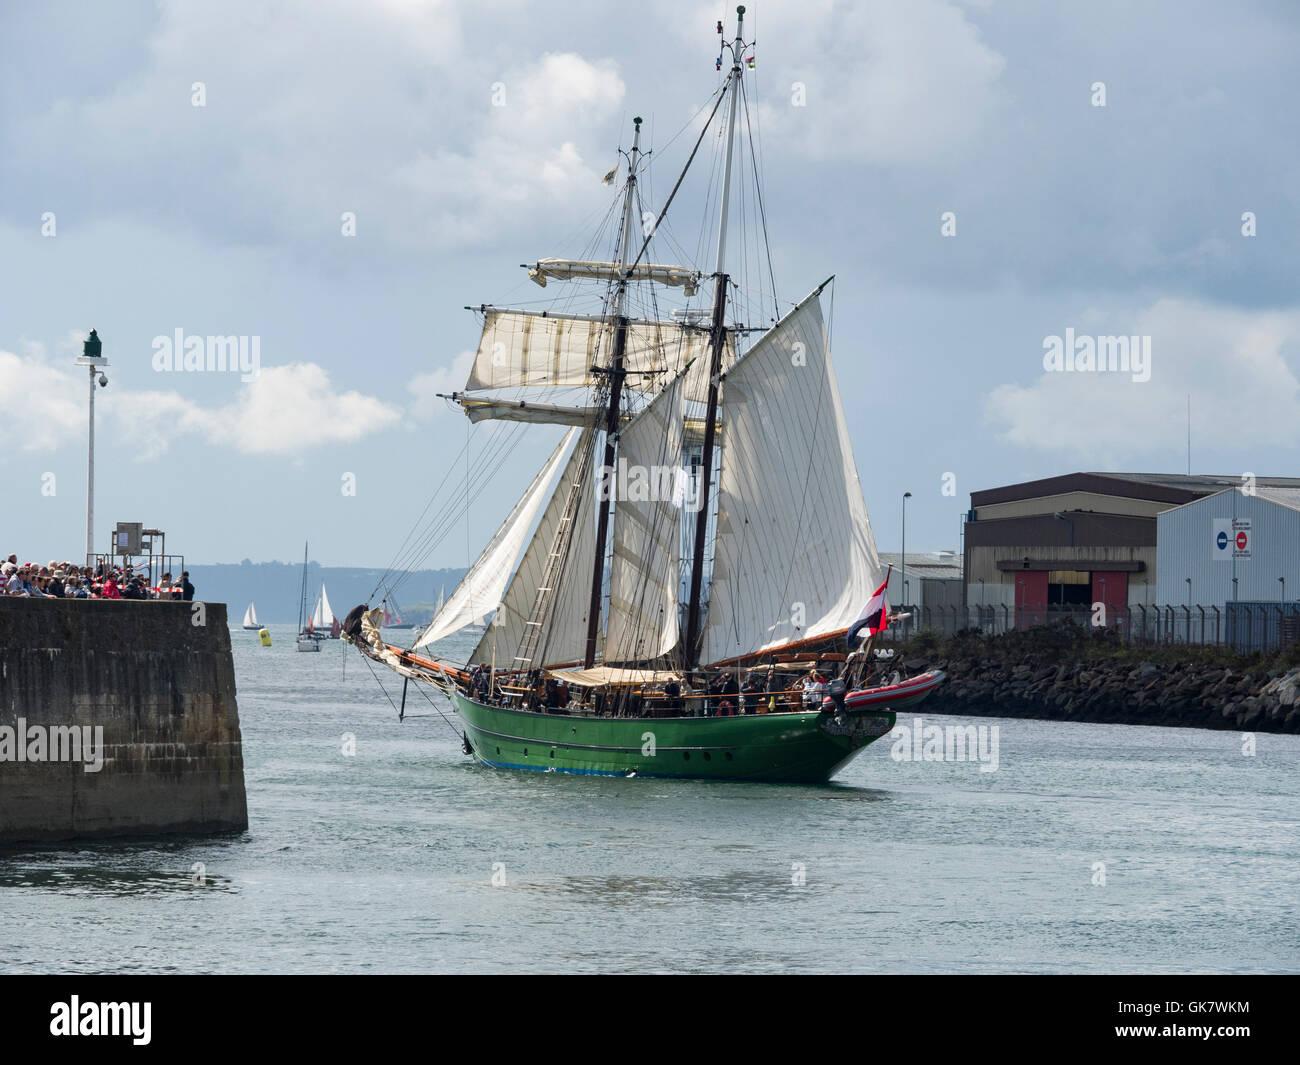 L' Avatar, pieno di vele, vela in La Penfeld, durante il Brest's International Maritime Festival 2016. Immagini Stock